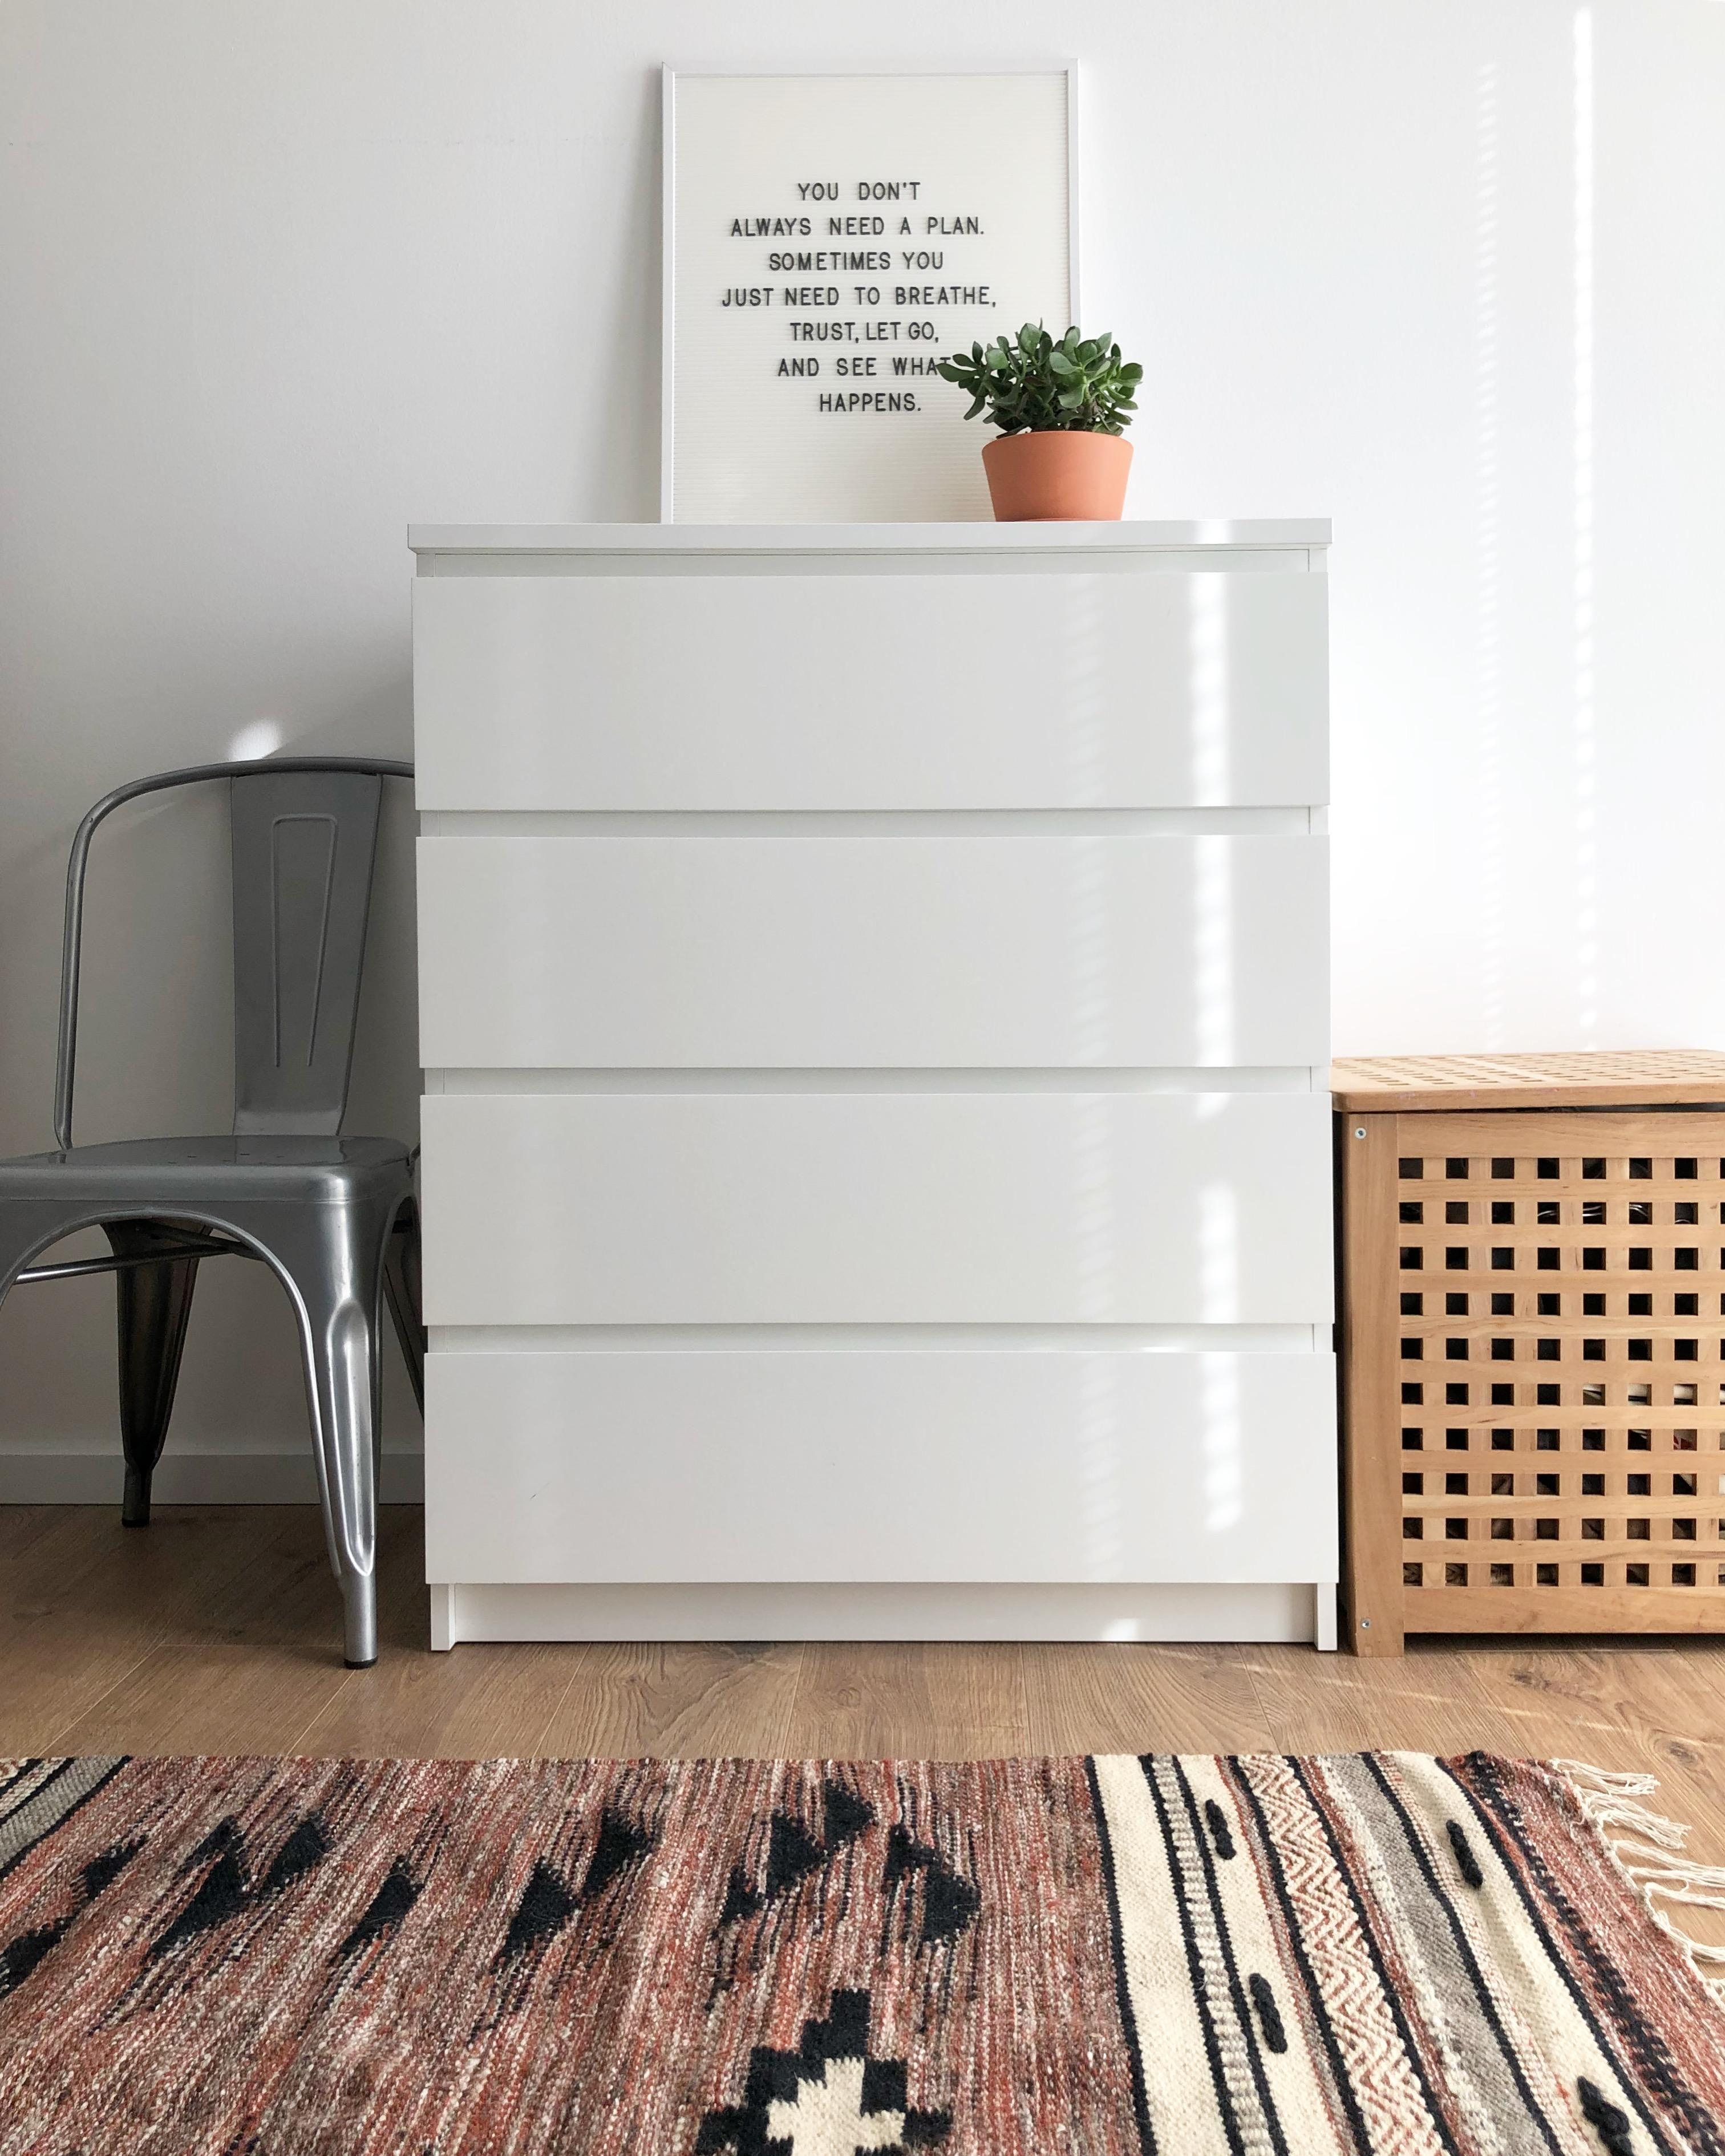 Gewaltig Schlafzimmer Mit Ankleidezimmer Das Beste Von & Neue Teppichliebe Aus Meinen Shop ♡